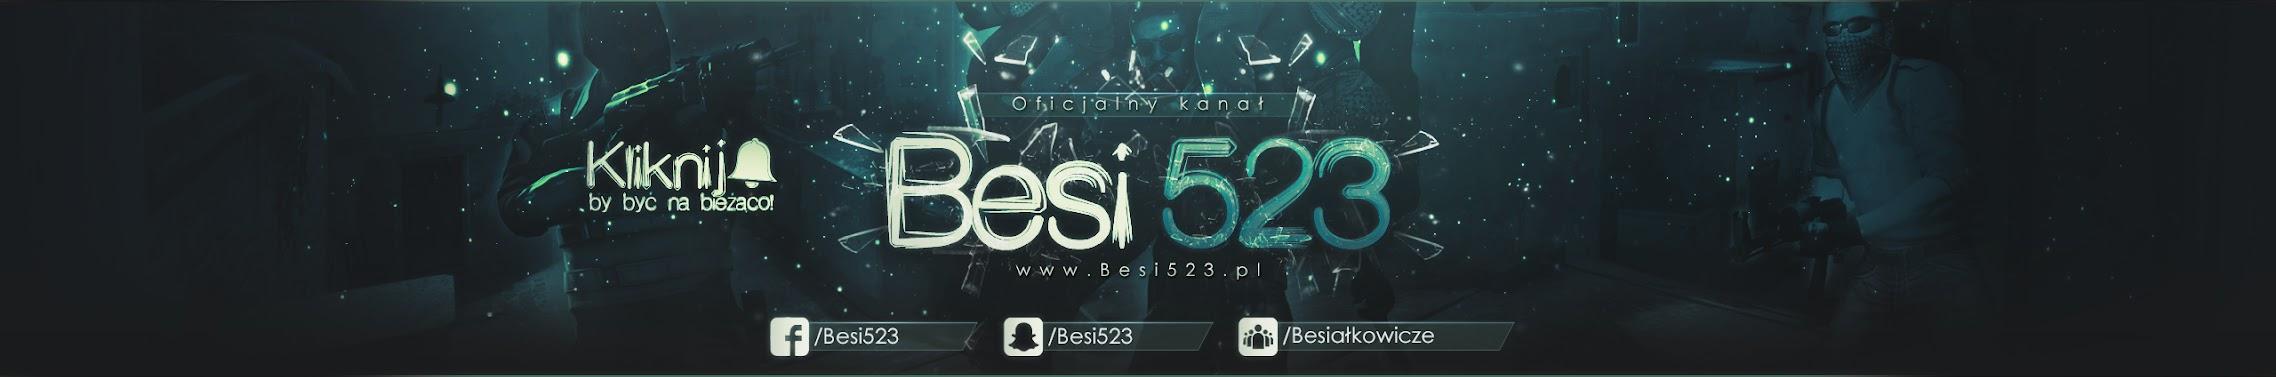 Besi523